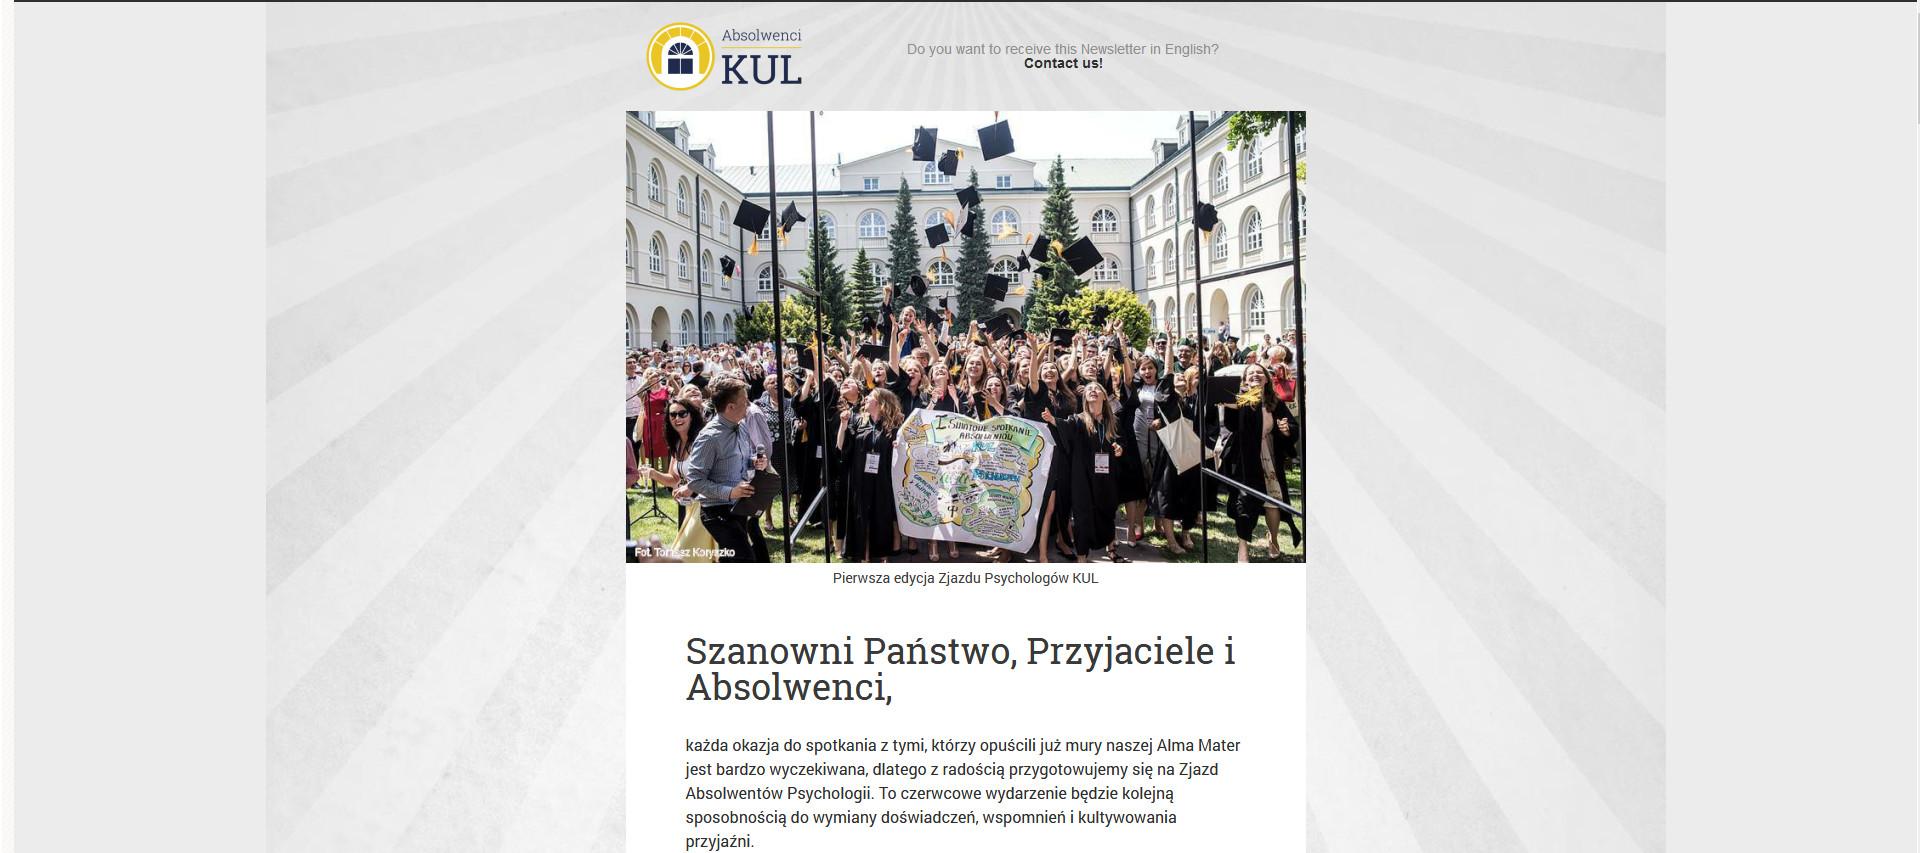 Towarzystwo Przyjaciół KUL Newsletter Absolwenta